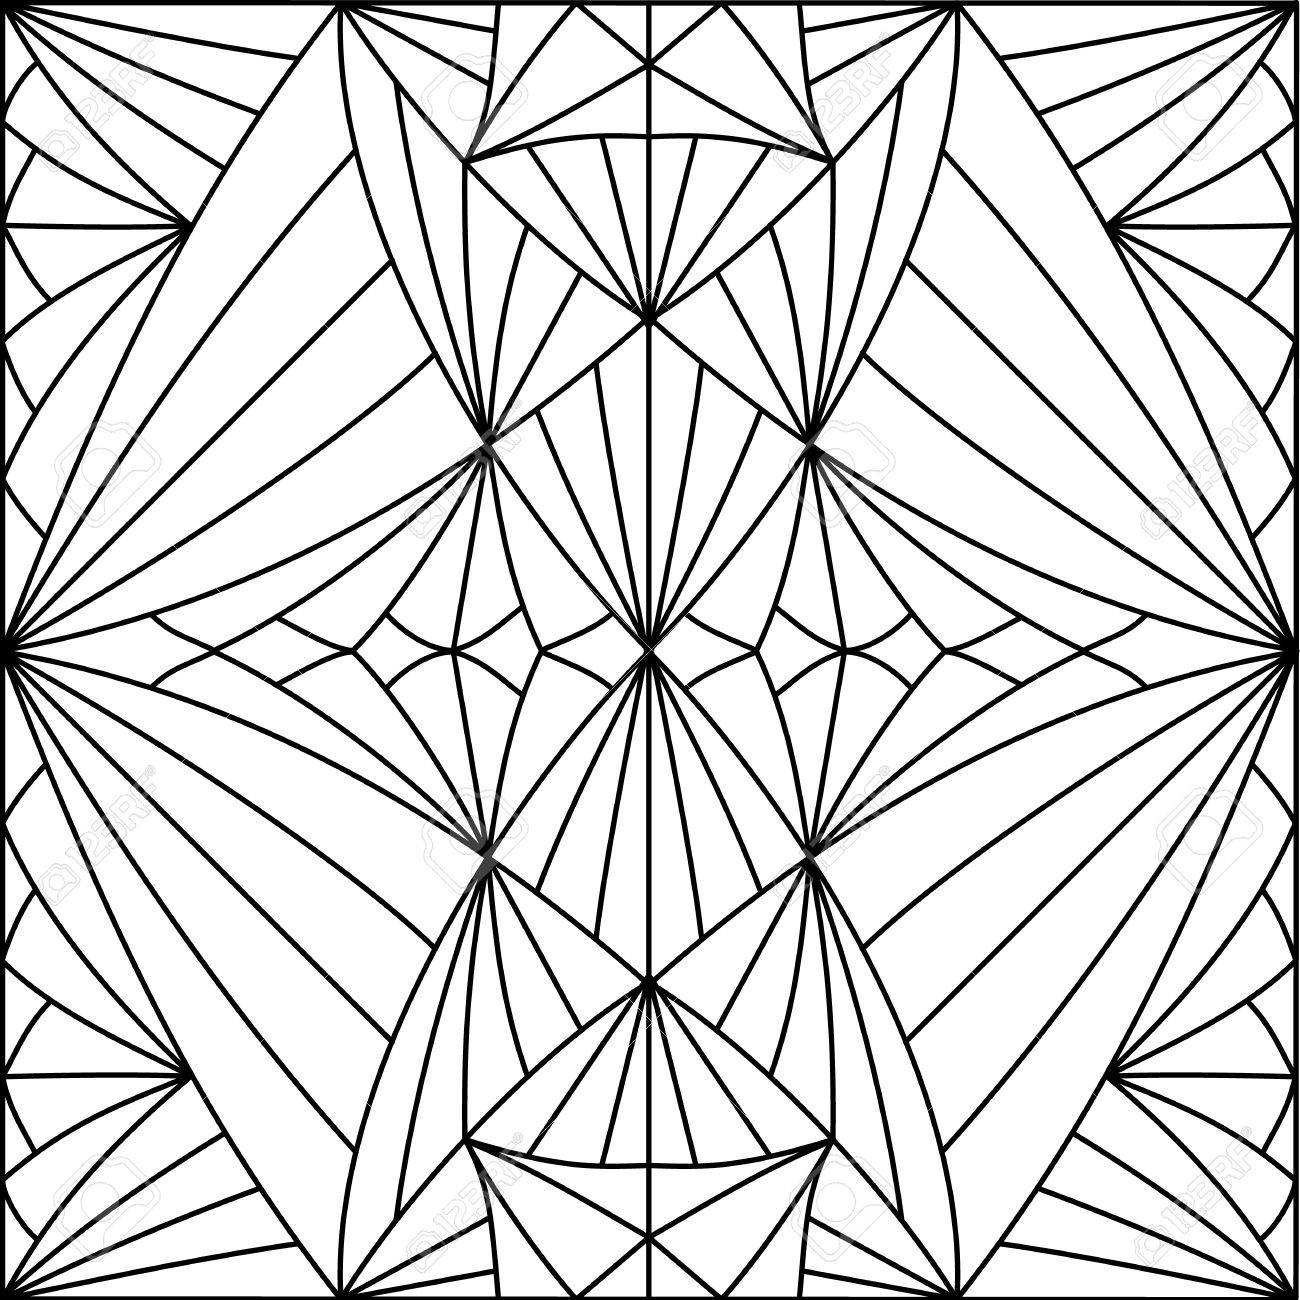 schwarz wei muster dieses muster kann fr hintergrund tapete fliesen verwendet - Tapete Schwarz Wei Muster